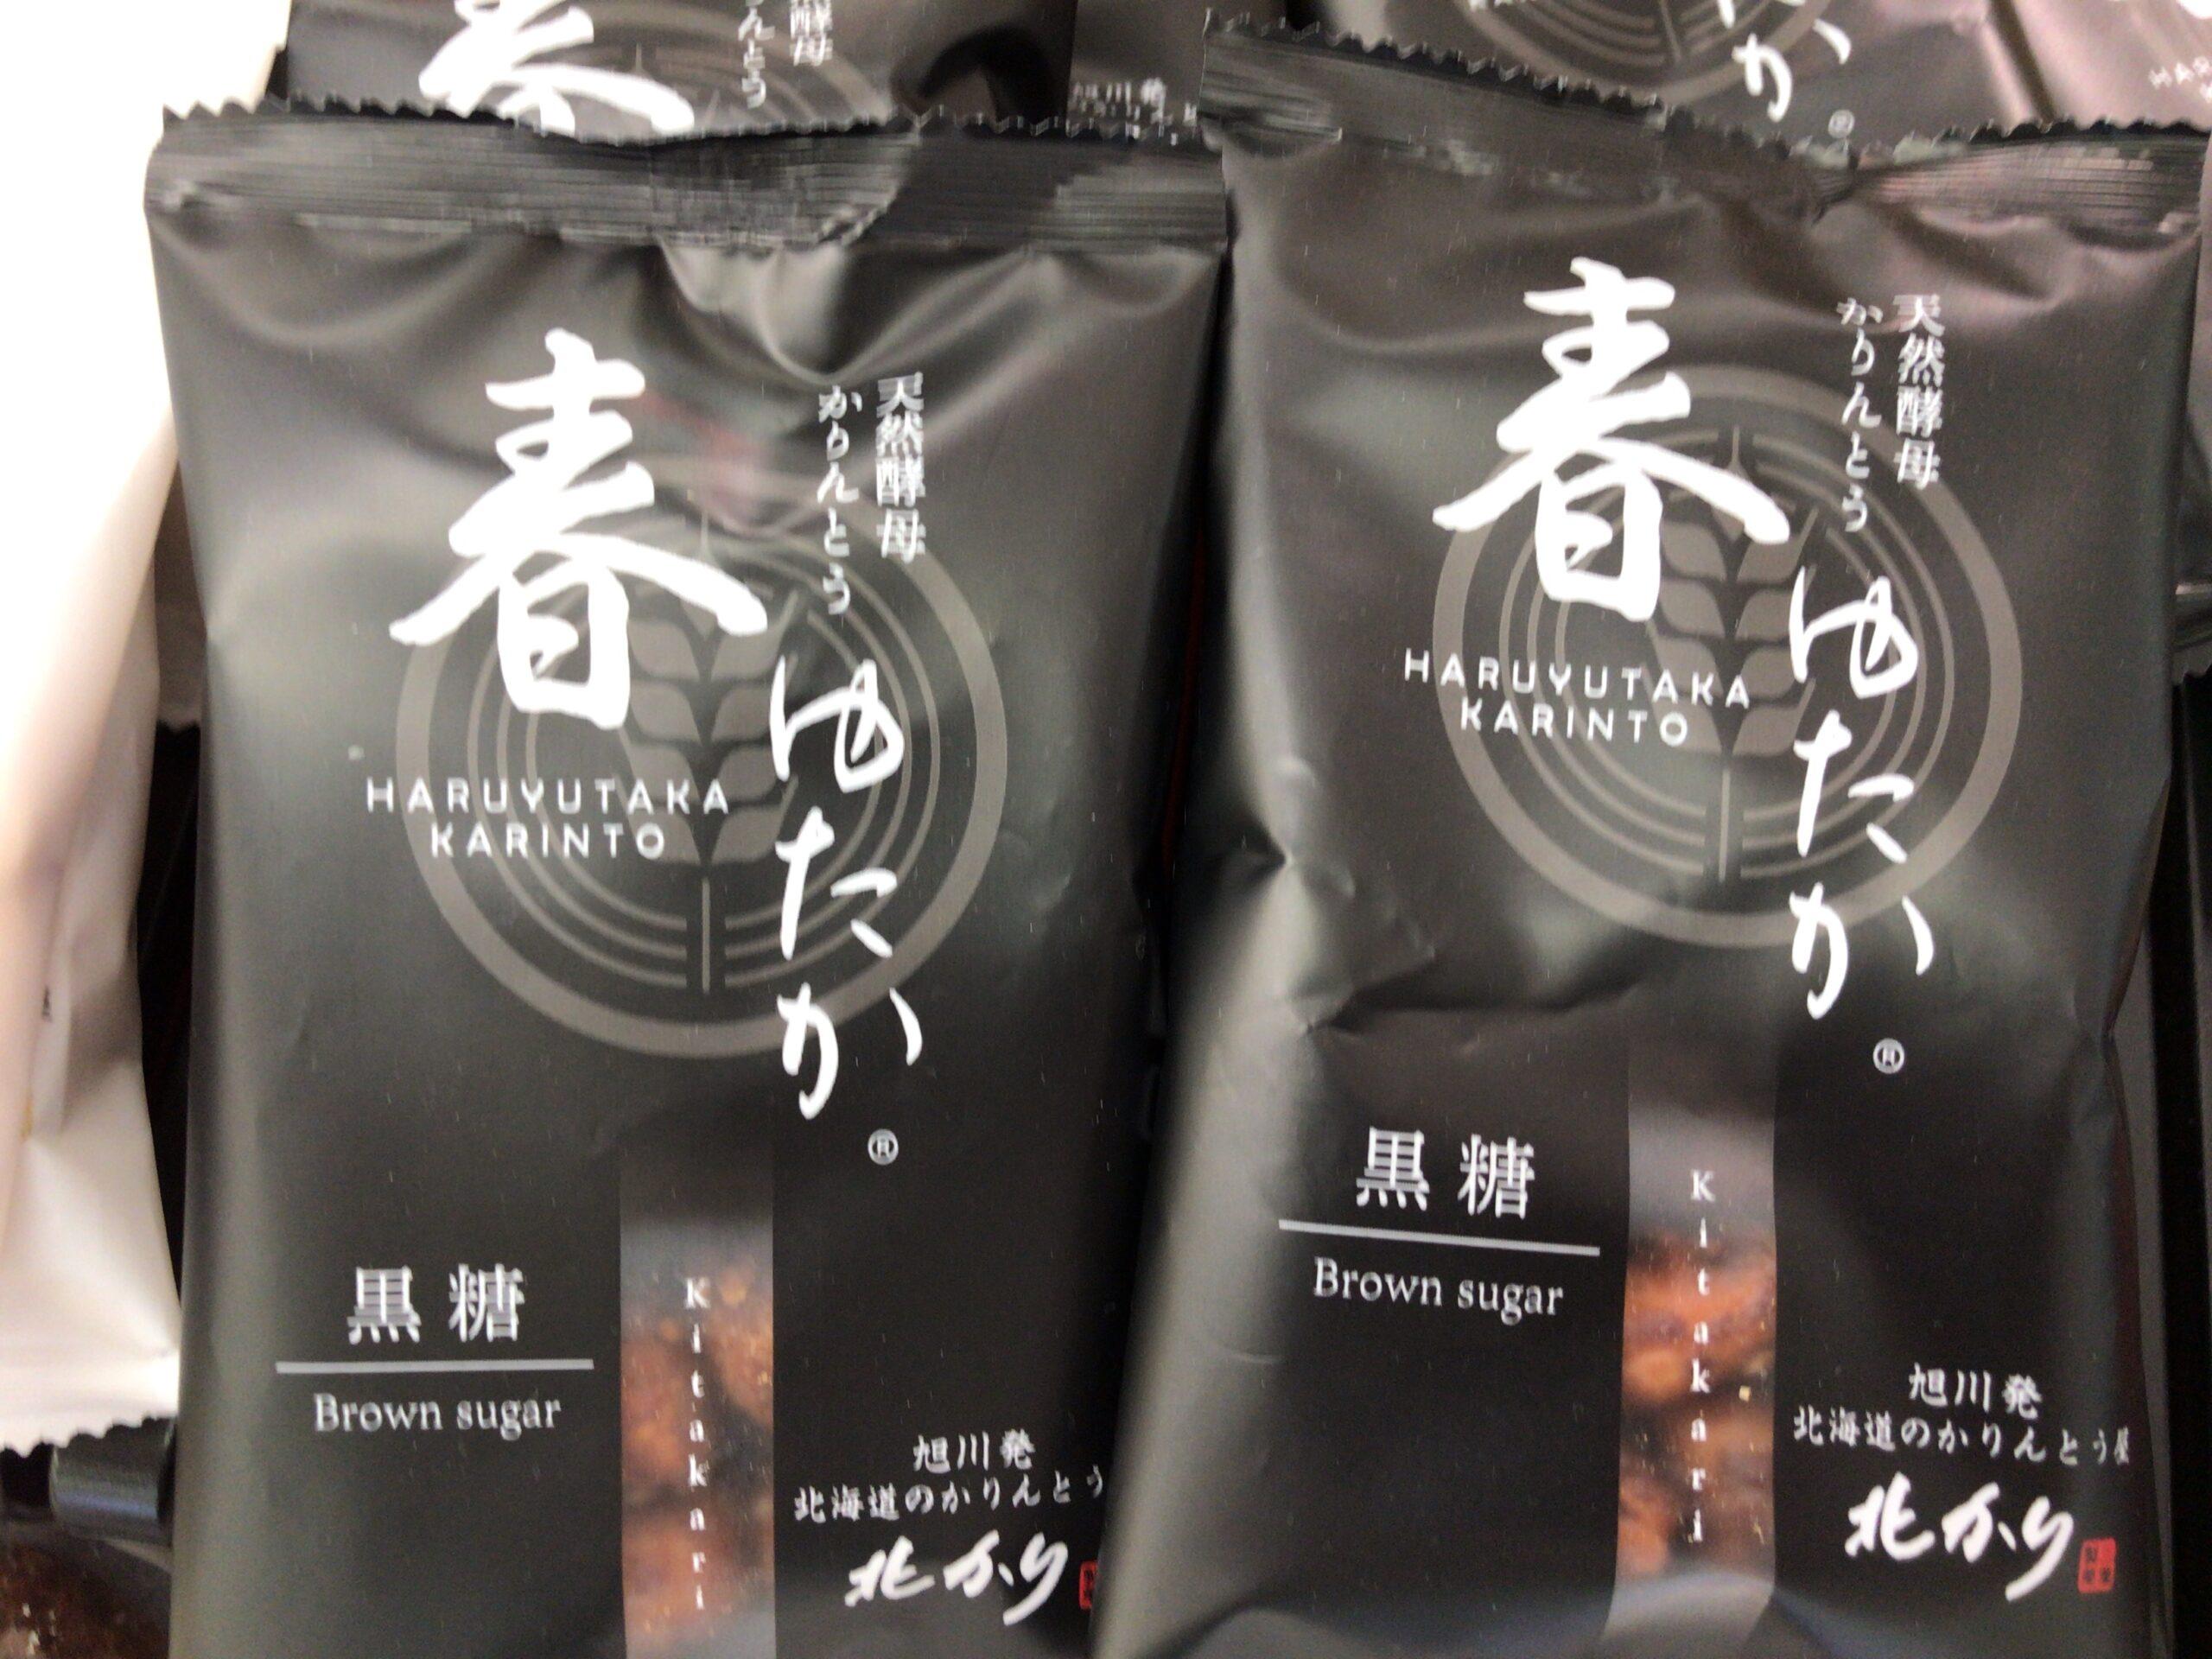 三葉製菓 北かり「春ゆたか 黒糖」